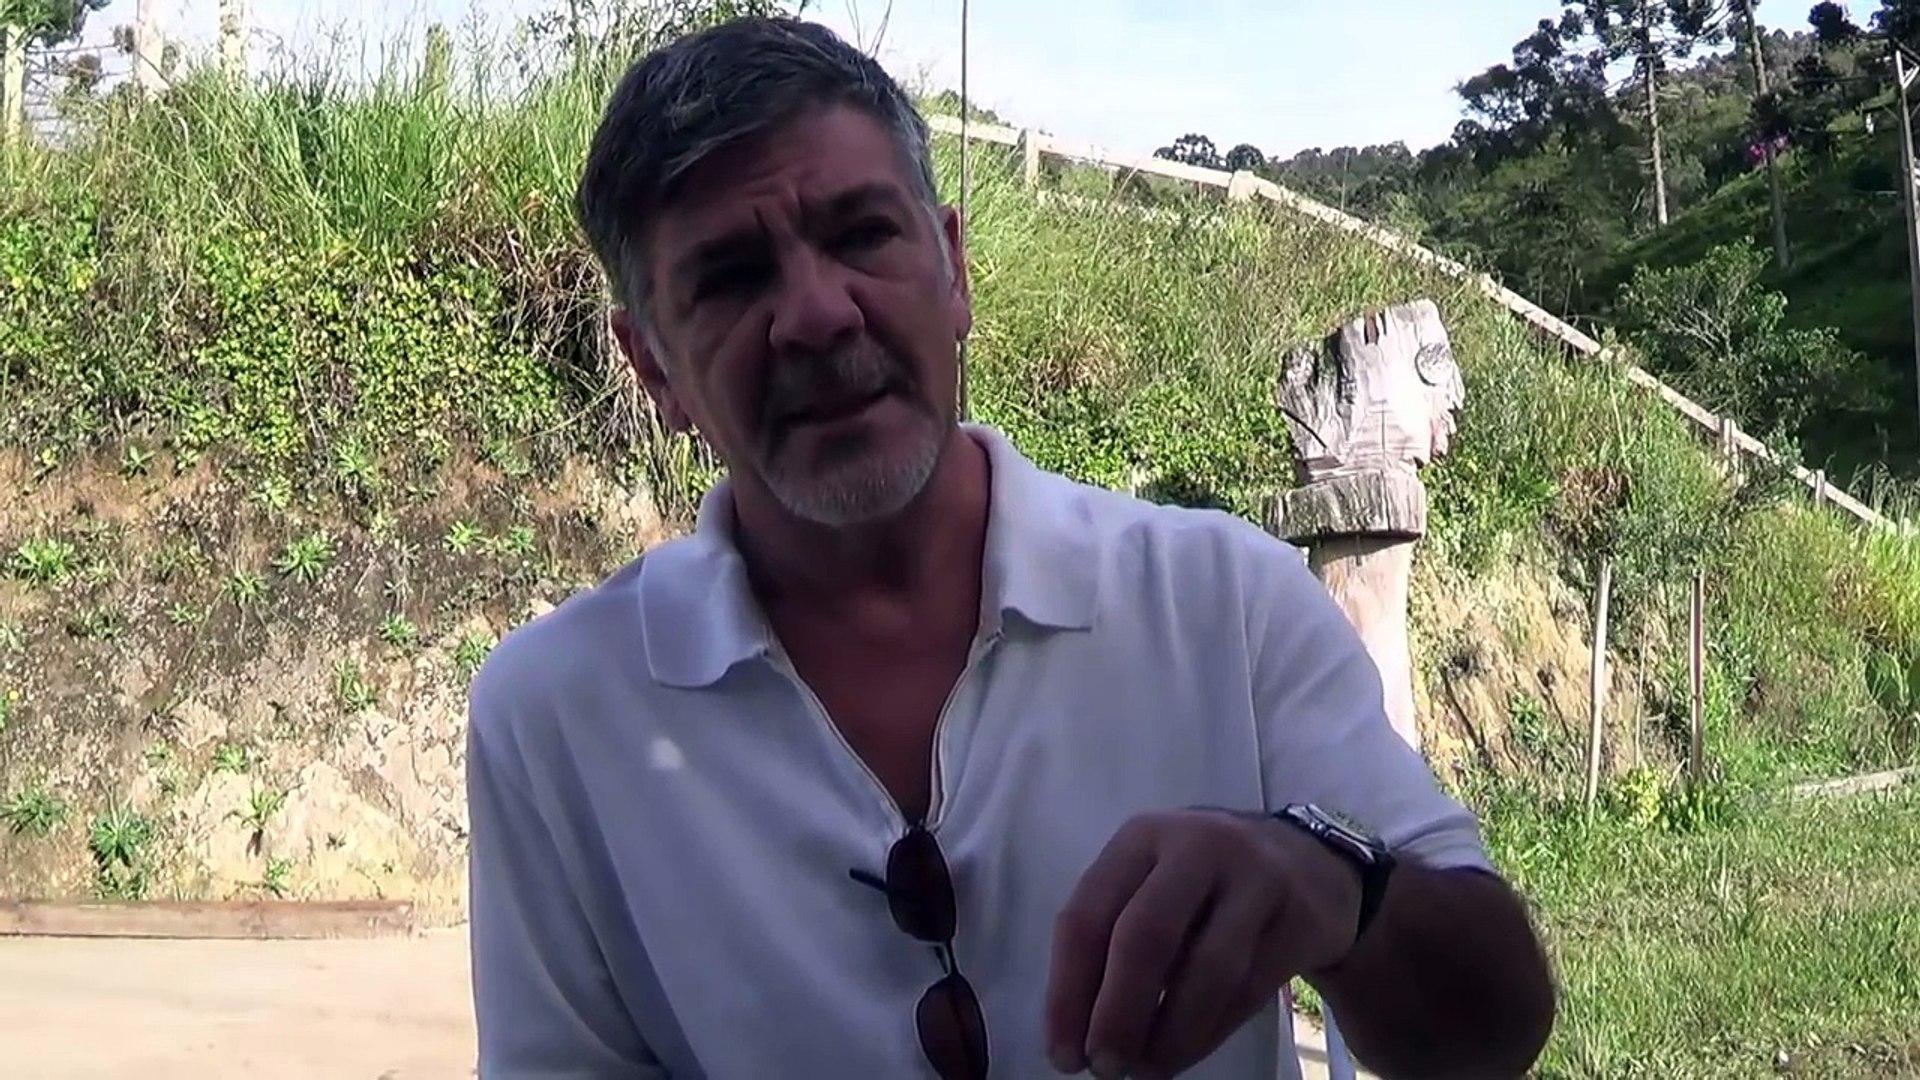 Tak - Registro sonoro de ataque reptiliano contra mulher humana - março 2015